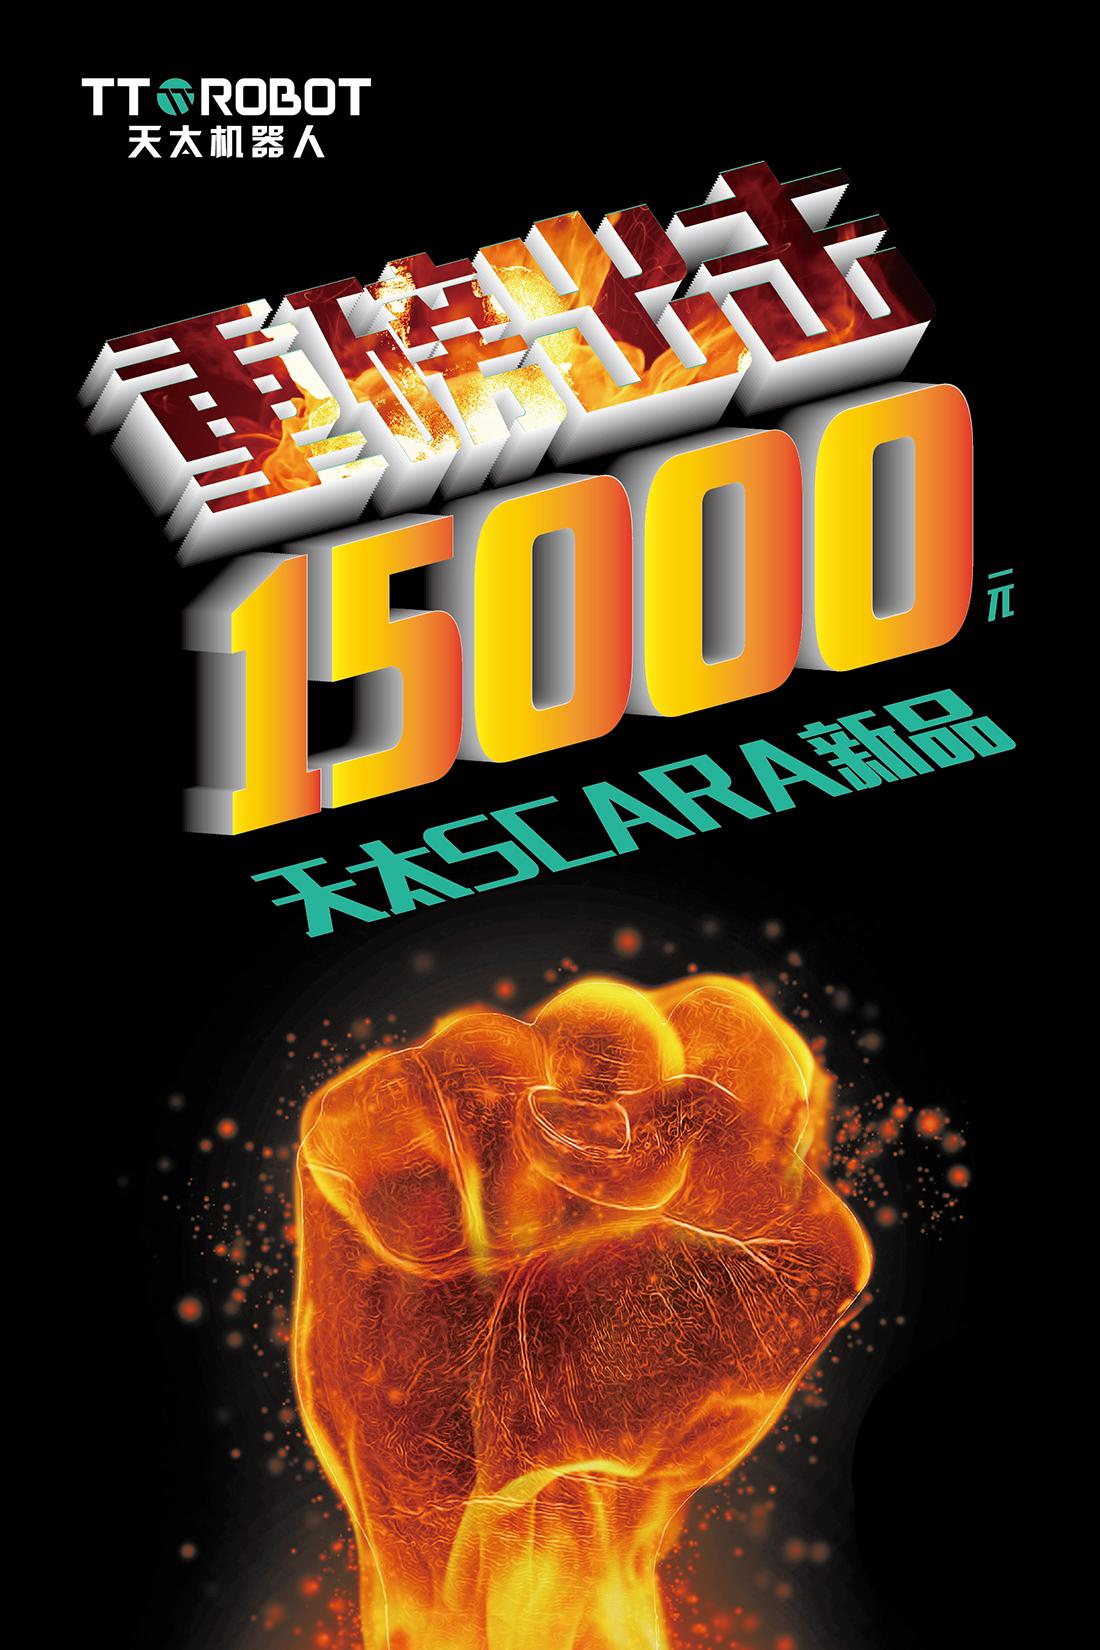 15000海报-02-02.jpg